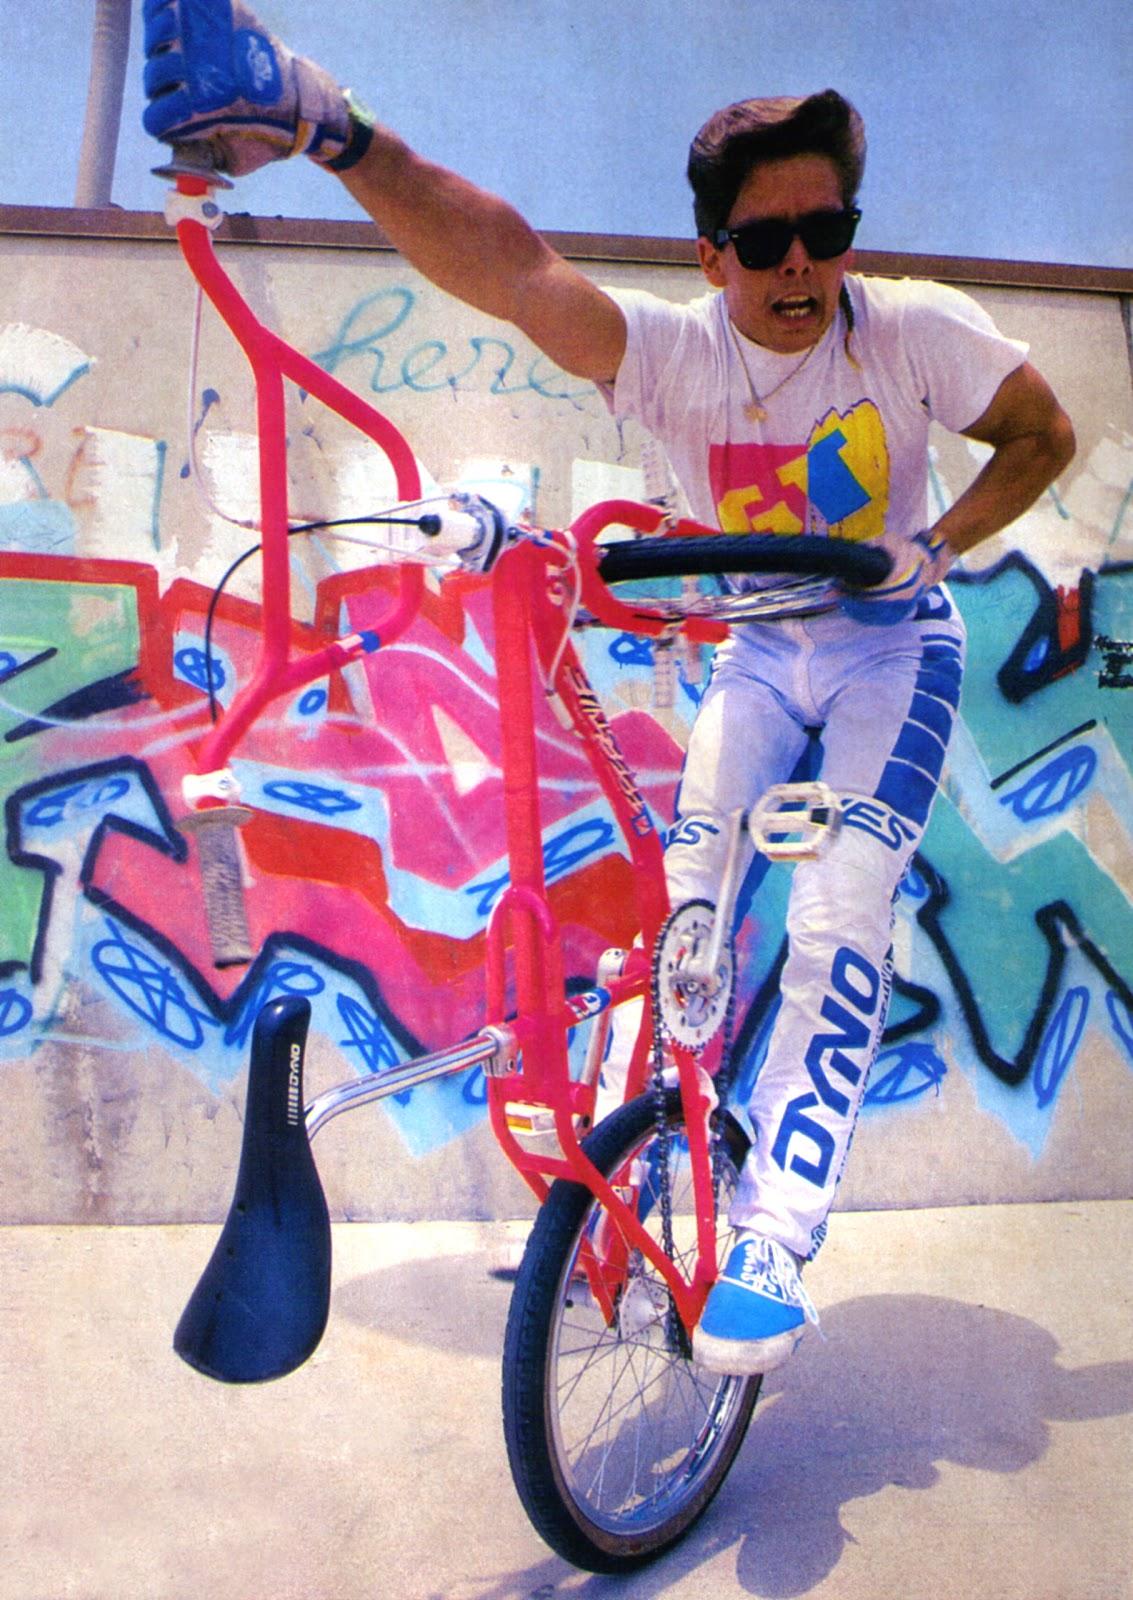 http://2.bp.blogspot.com/-gx_blVSgmPk/UFQBliBw8PI/AAAAAAAAIwU/wpS_5mxHRrA/s1600/Martin+Aparijo+1986.jpg